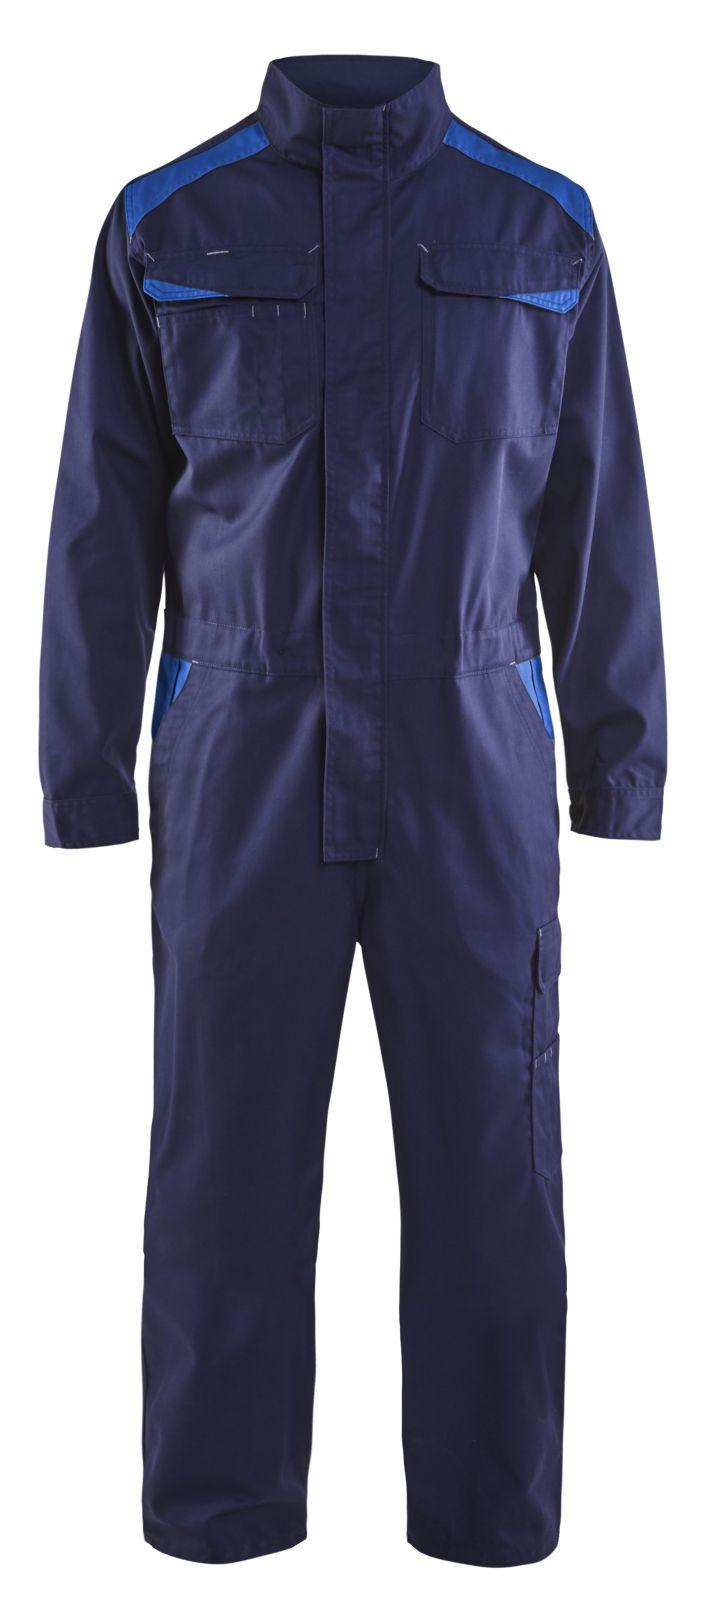 Blaklader Overalls 60541210 marineblauw-korenblauw(8884)